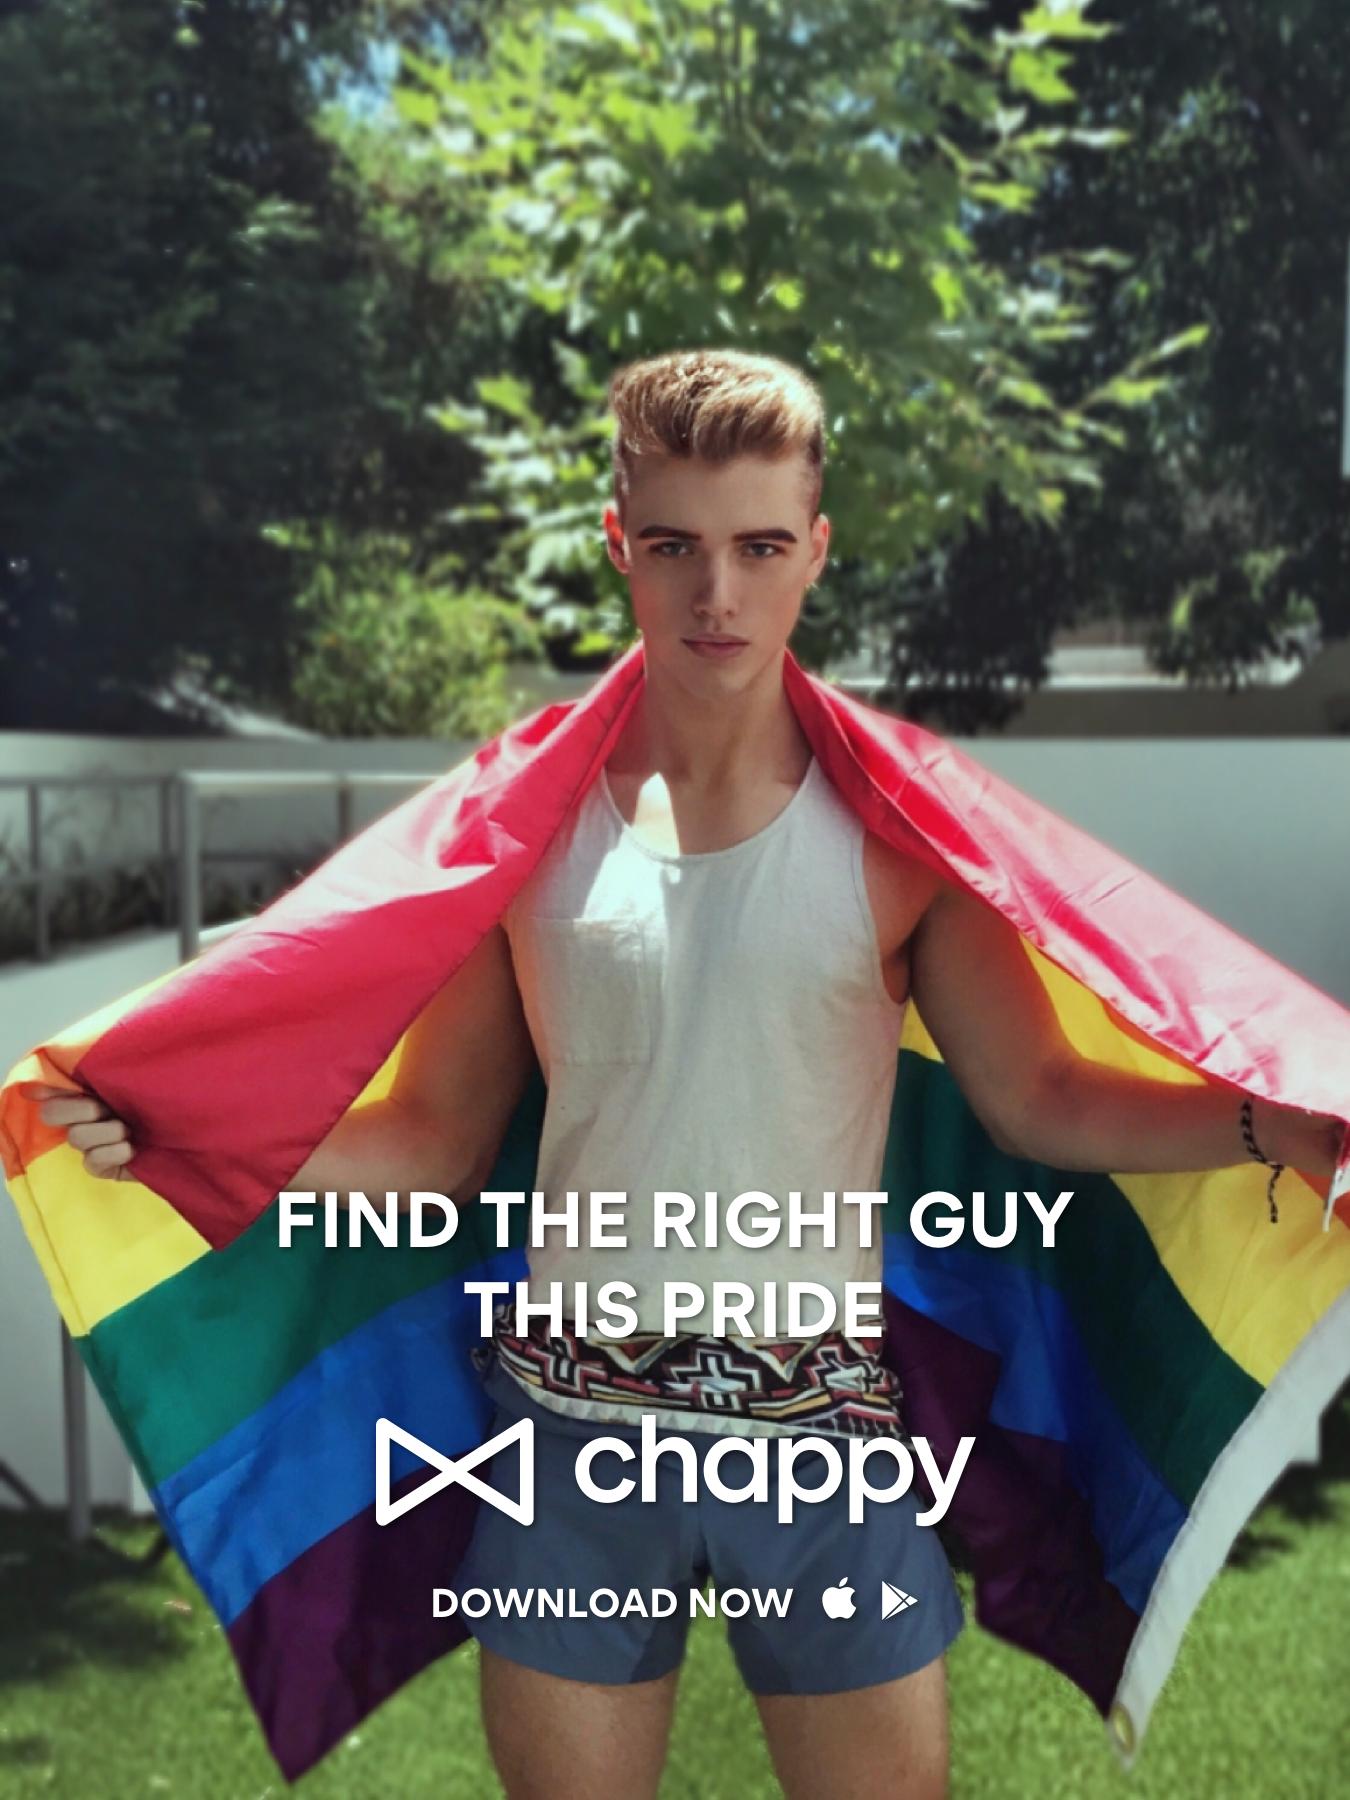 γκέι dating Ipohανάμεικτα ραντεβού Λονδίνο